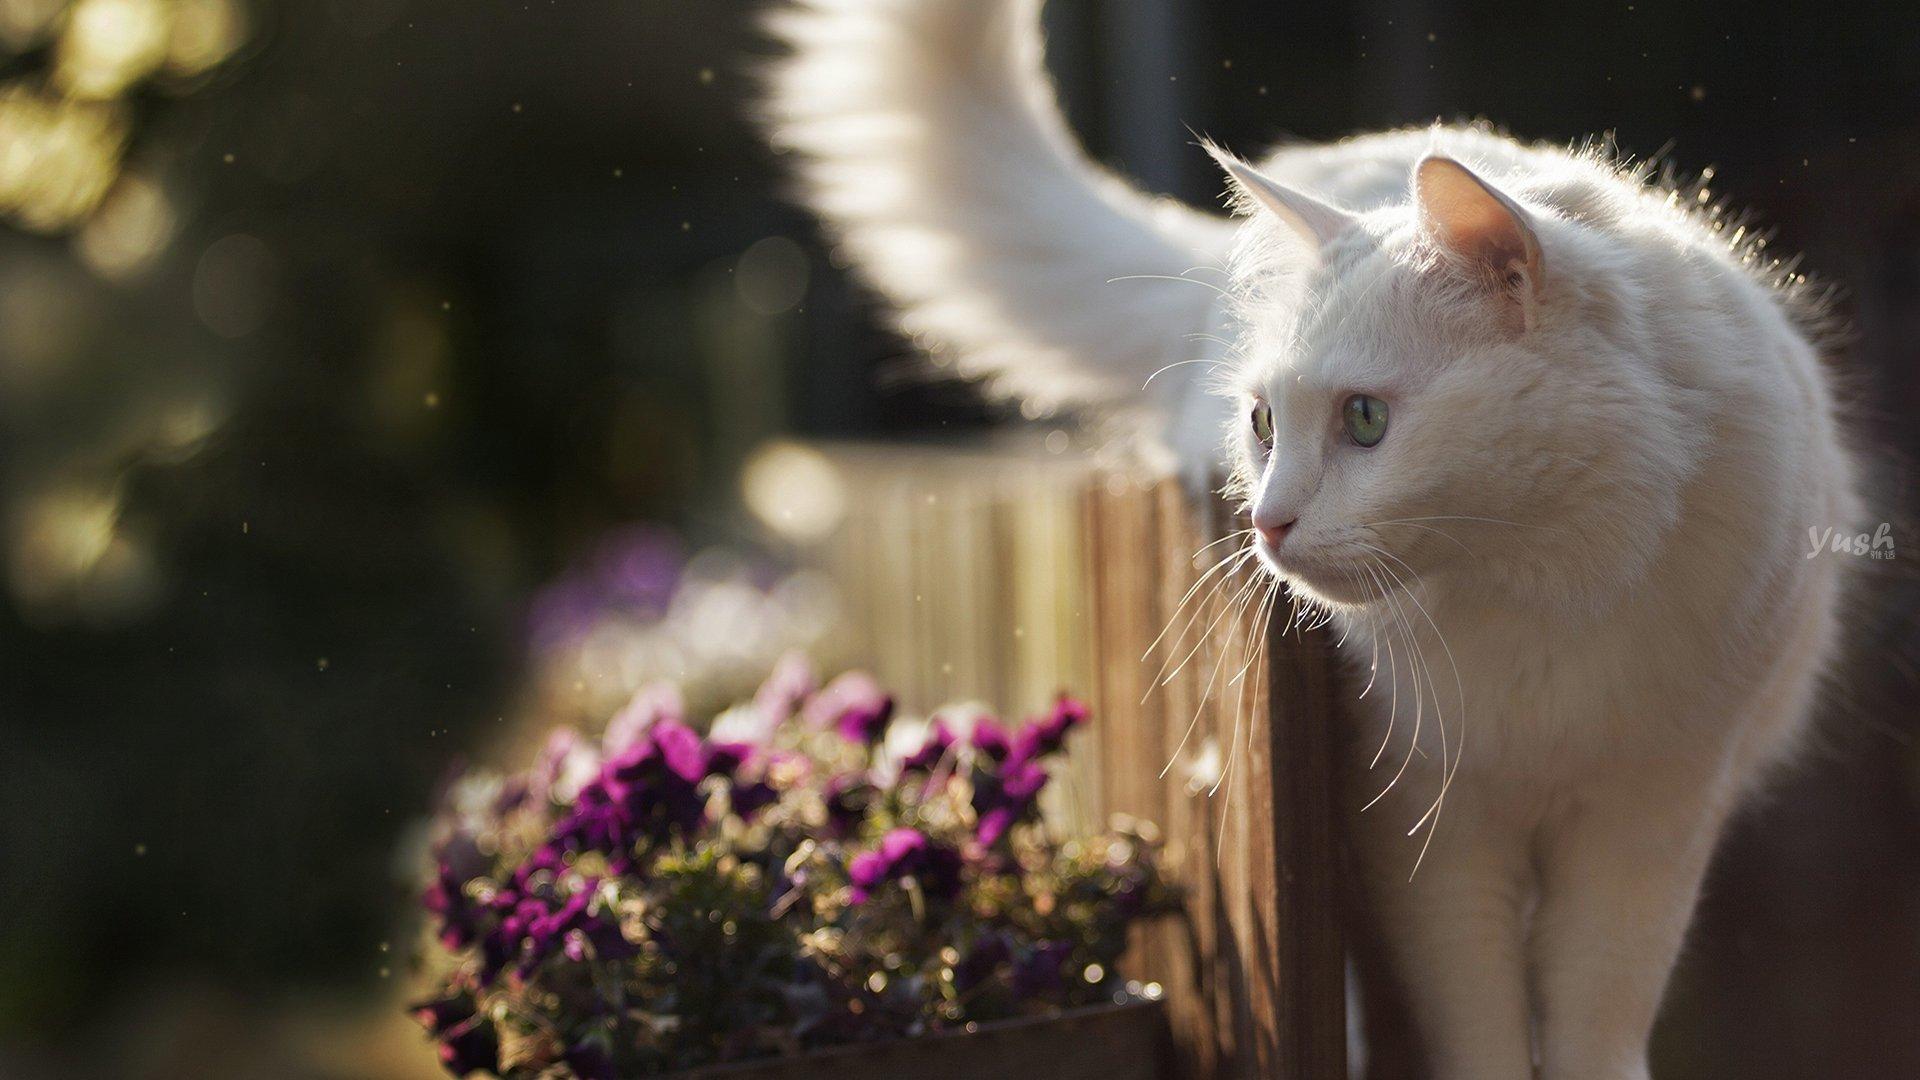 猫咪体内寄生虫的种类、感染途径以及体内驱虫的方... _新浪博客